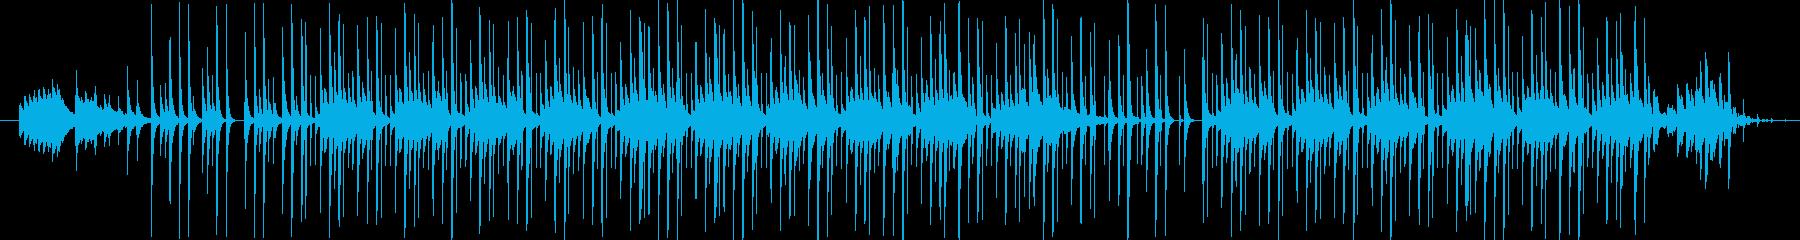 1分間BGMの再生済みの波形